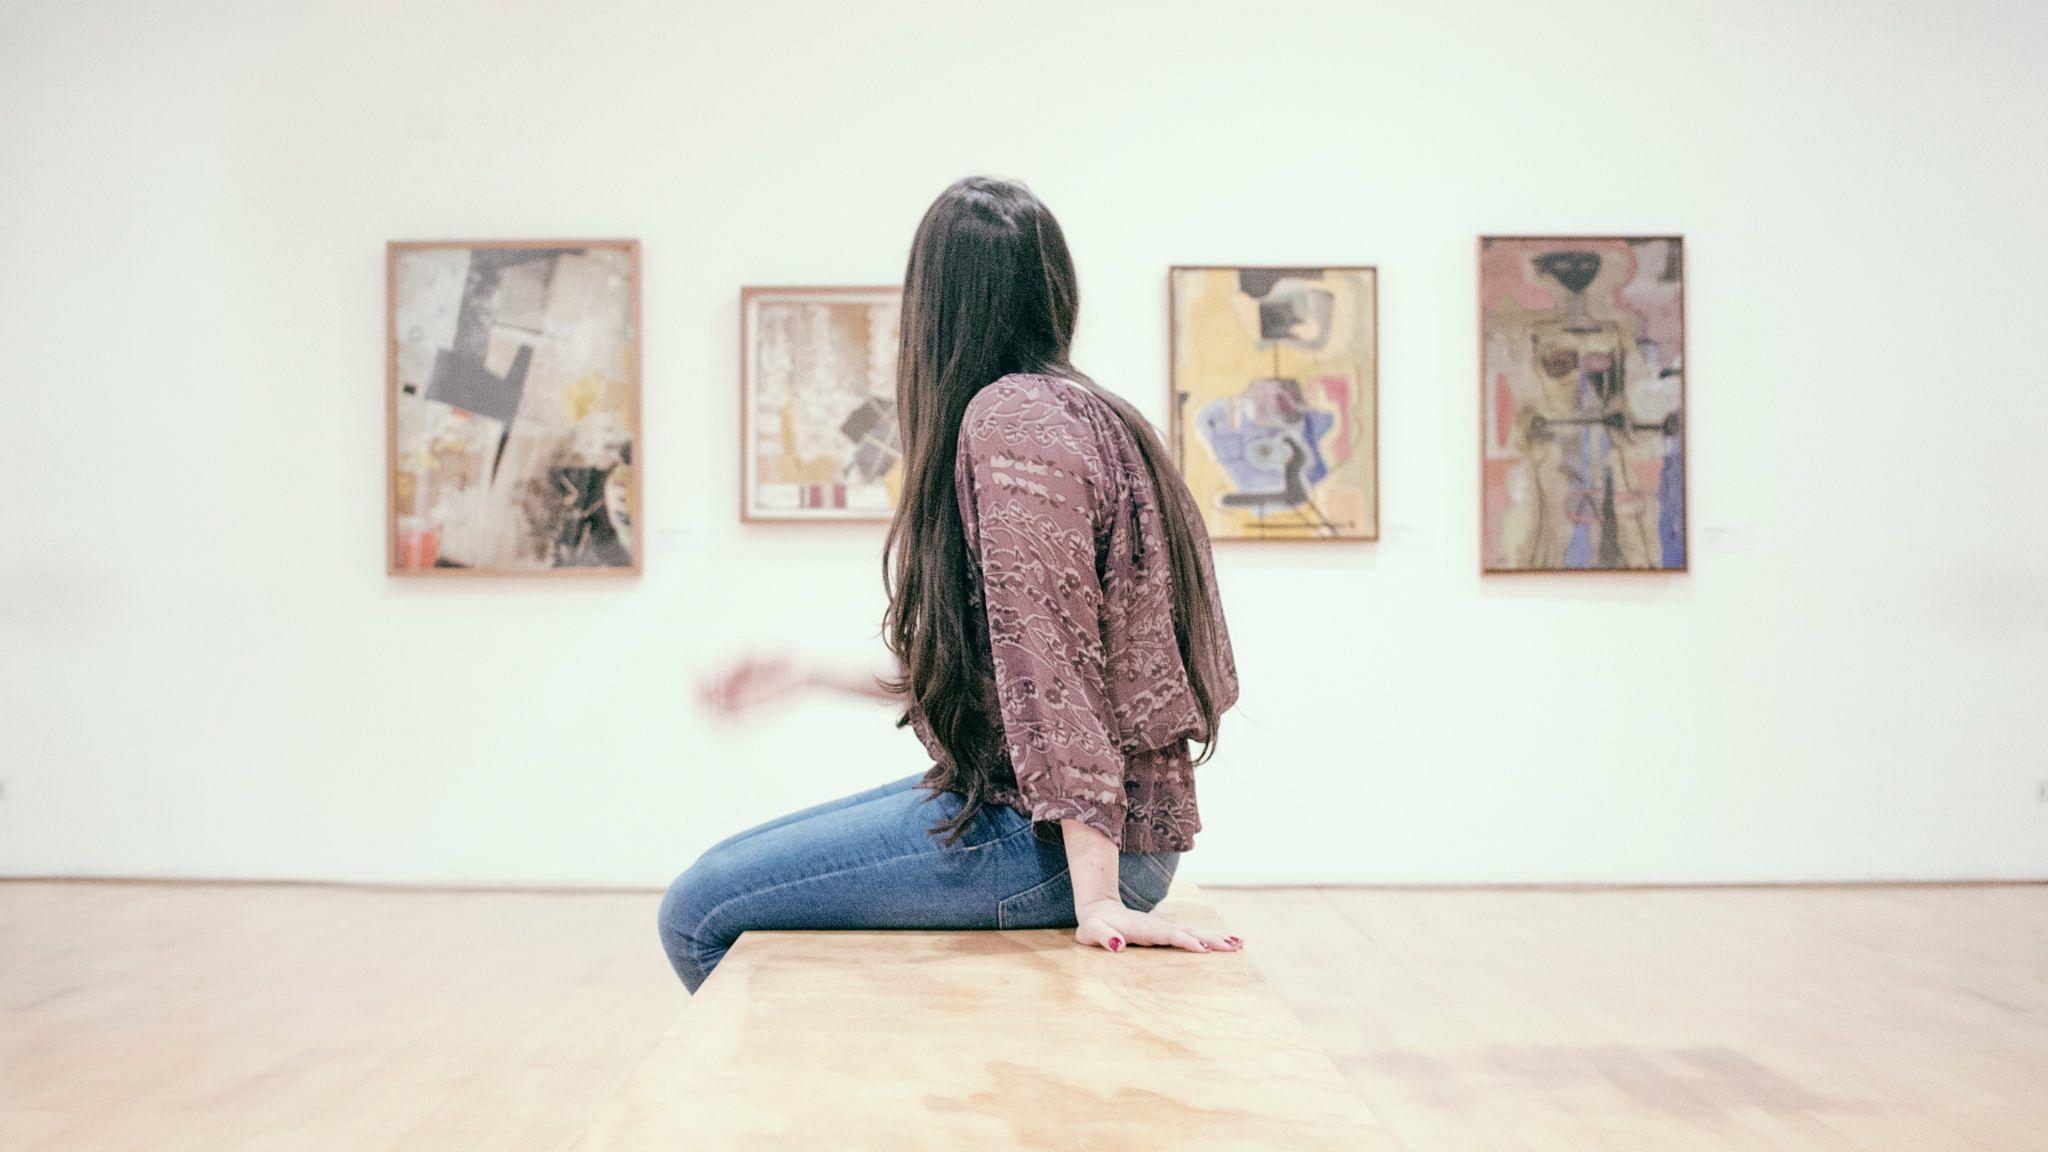 Studentenrabatte in Münster für Museen